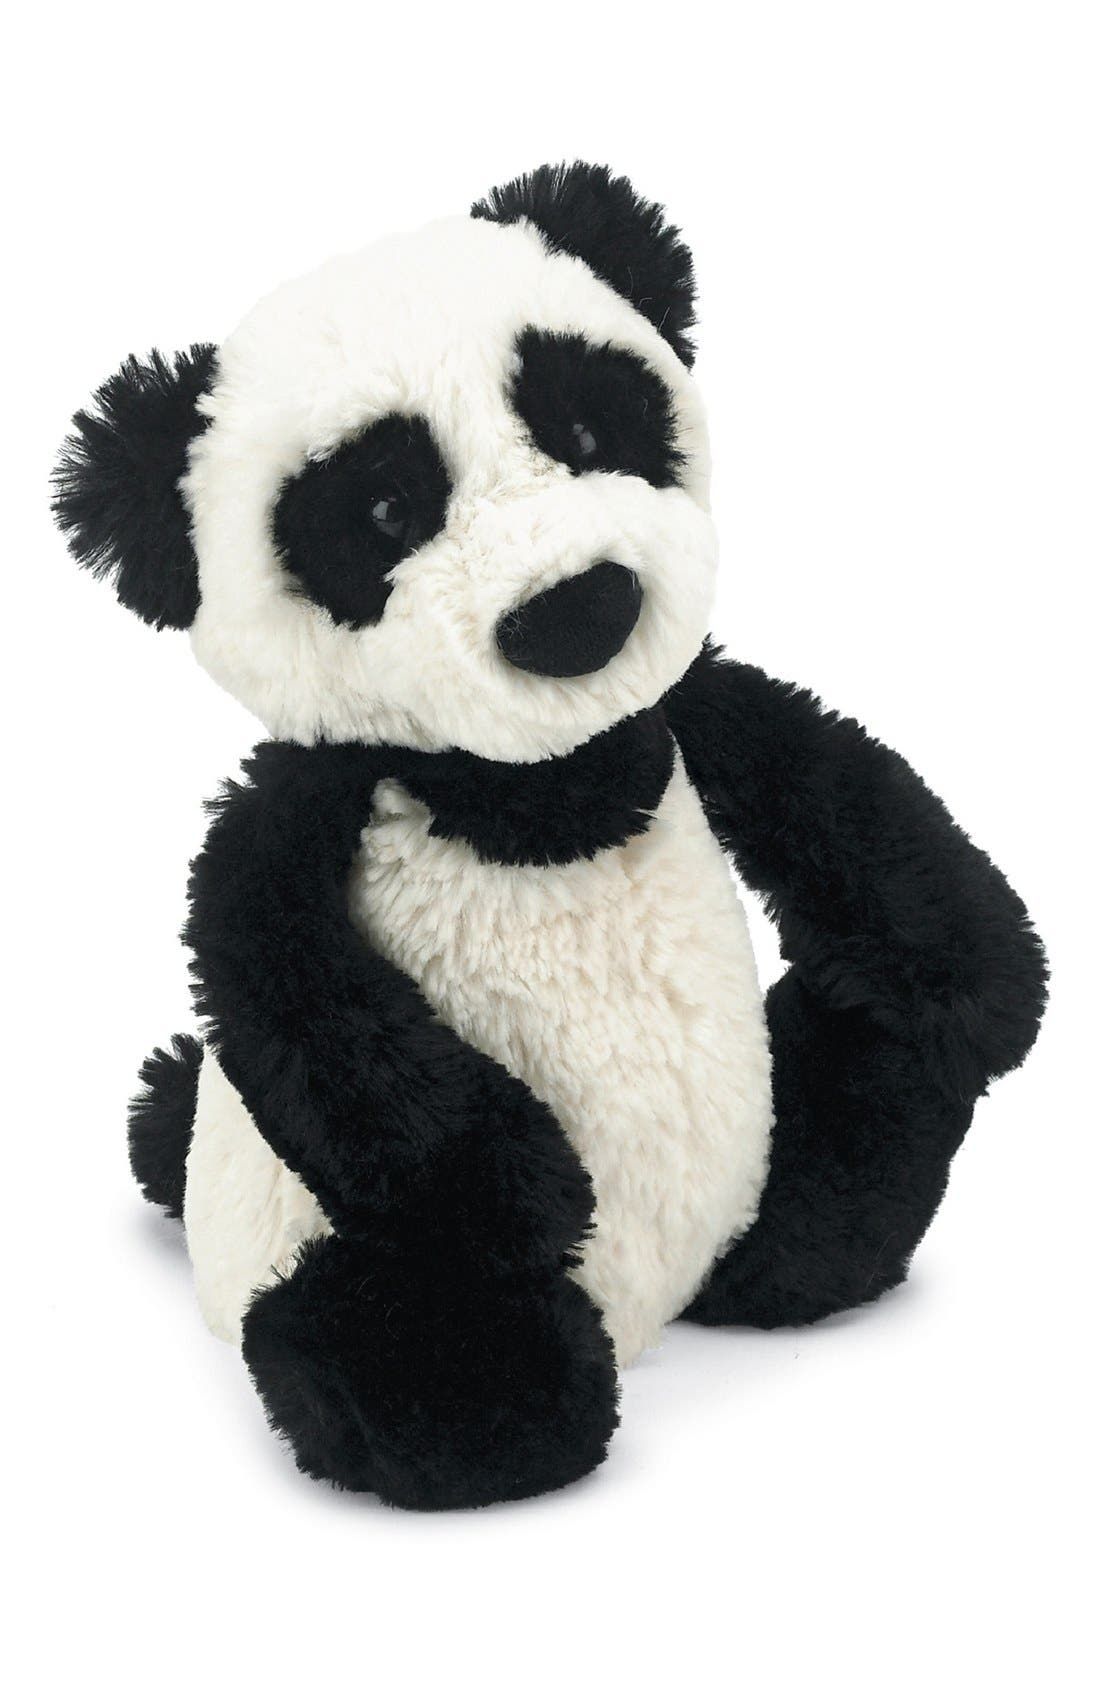 'Medium Bashful Panda' Stuffed Animal,                             Main thumbnail 1, color,